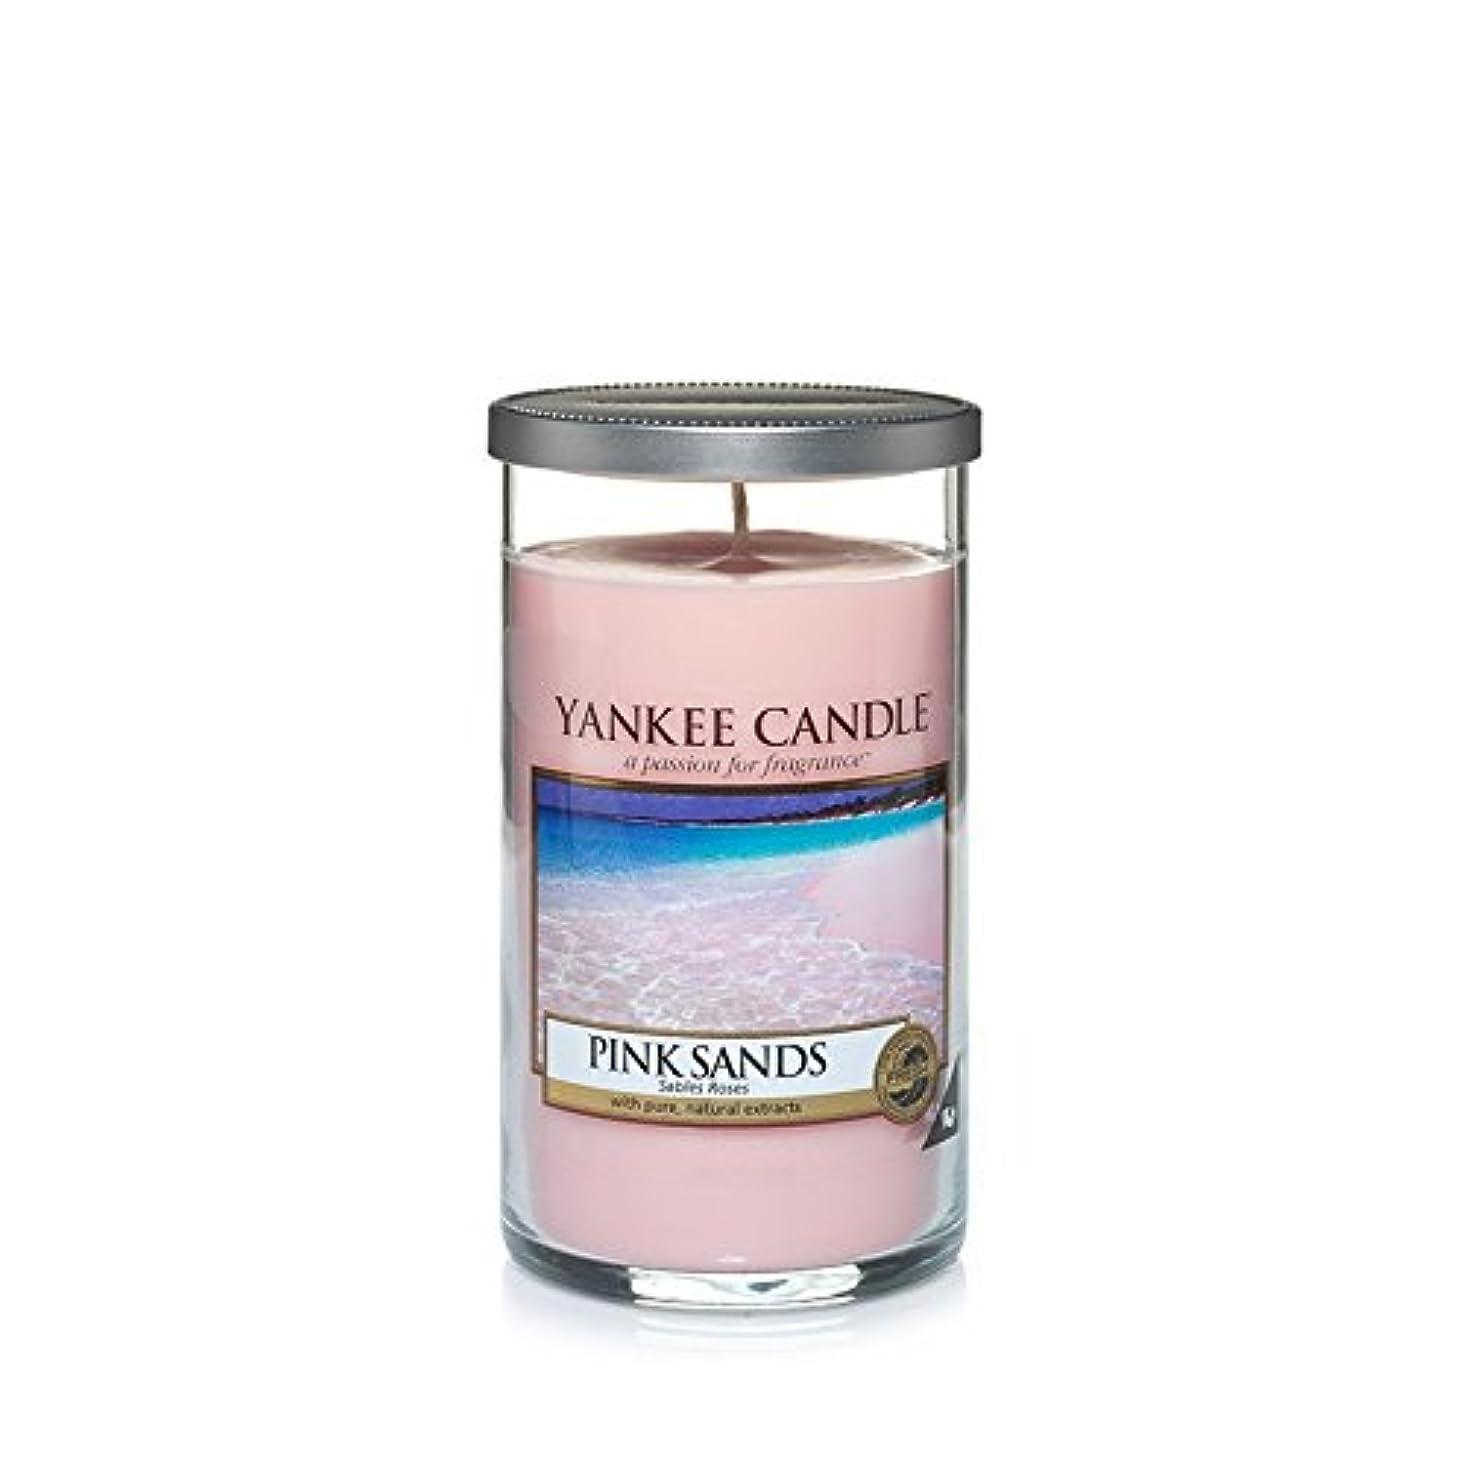 構成する優しい早いYankee Candles Medium Pillar Candle - Pink Sands? (Pack of 2) - ヤンキーキャンドルメディアピラーキャンドル - ピンクの砂? (x2) [並行輸入品]